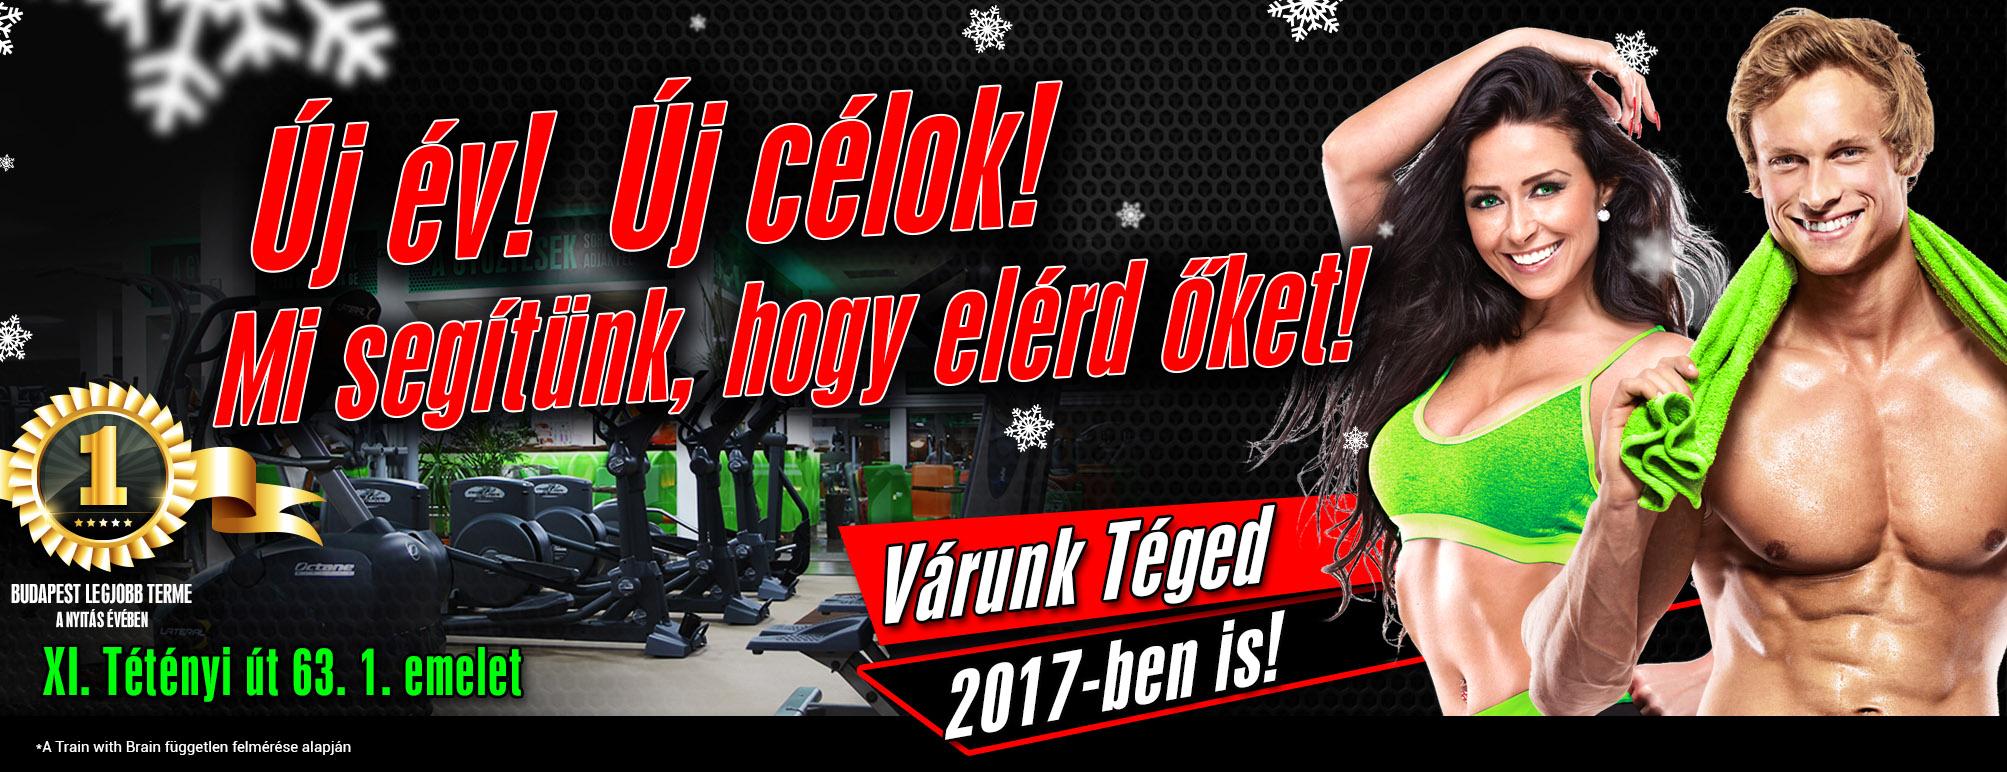 edzőterem, akciós bérlet, fitness terem, testépítés, gym - KissLife Gym - Budapest legújabb fitness terme a 11. kerületben, KissLife Gym - edzőterem, testépítés Budapesten